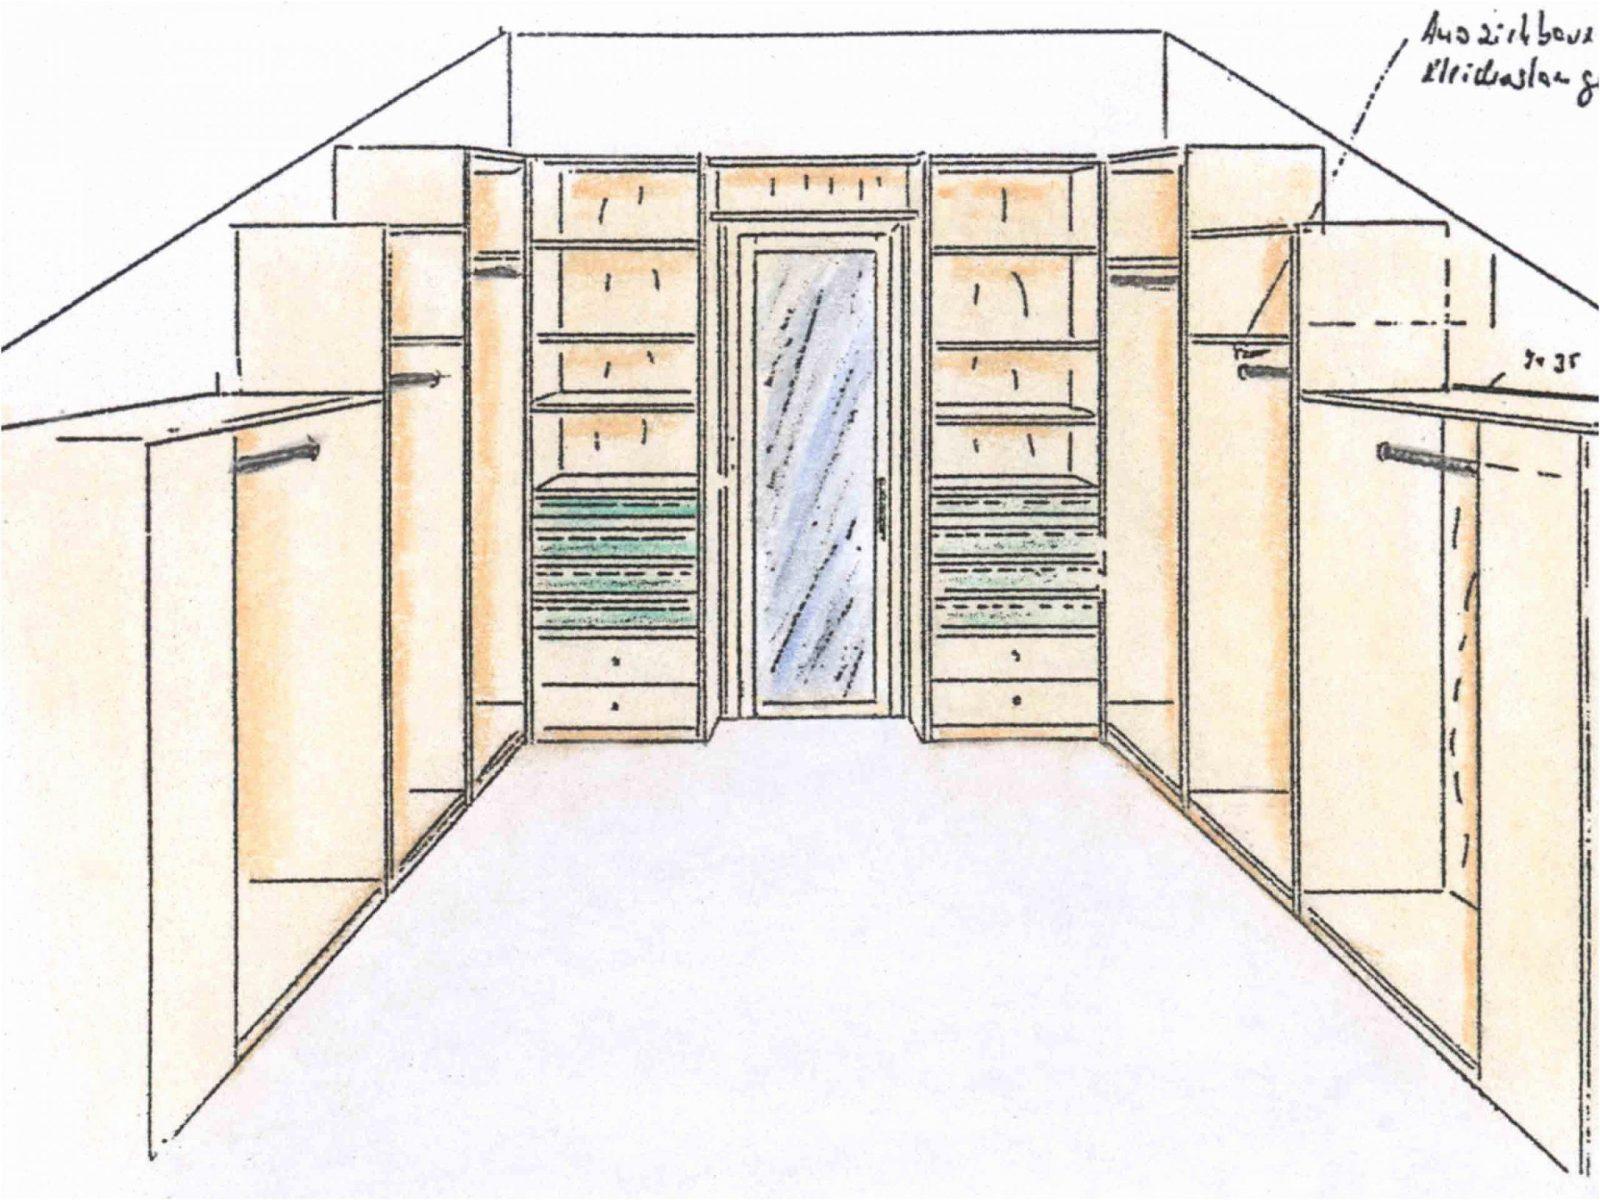 Neu Dachschräge Schrank Selber Bauen Schön Home Ideen Home Ideen von Begehbarer Kleiderschrank Selber Bauen Anleitung Bild